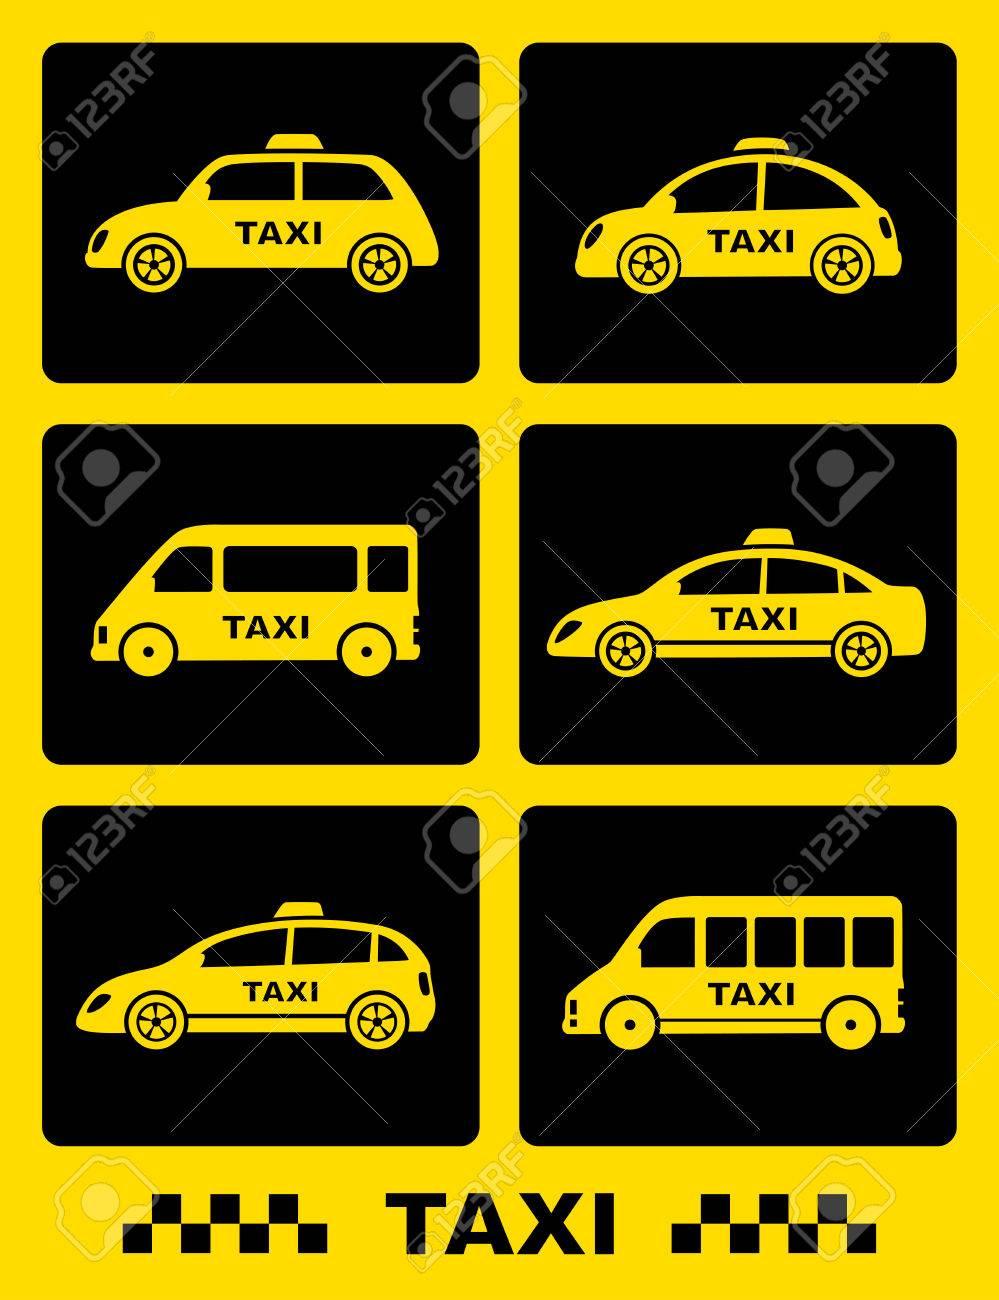 Jeu De Voiture De Taxi Icône Sur Boutons Noirs Sur Fond Jaune dedans Jeux De Voiture Jaune